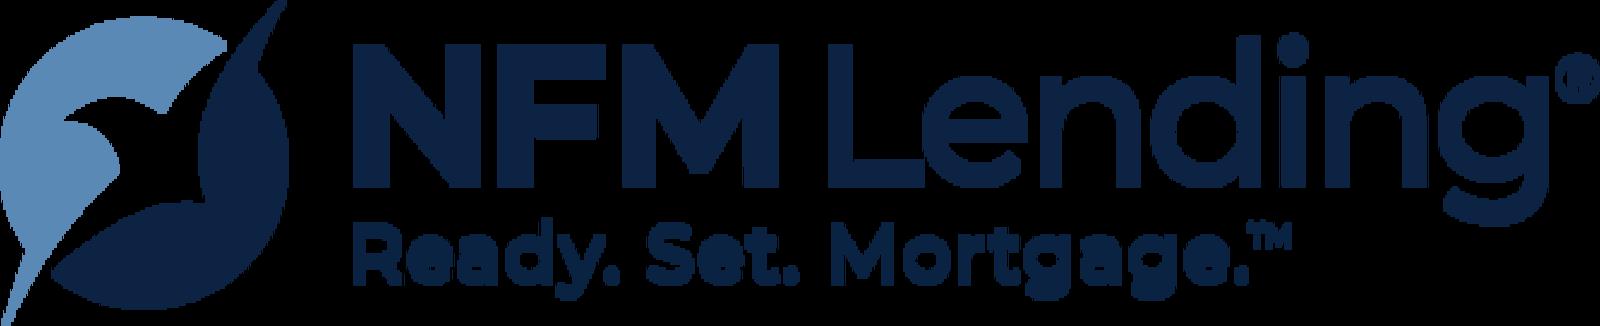 NFM Lending  #ReadySetMortgage